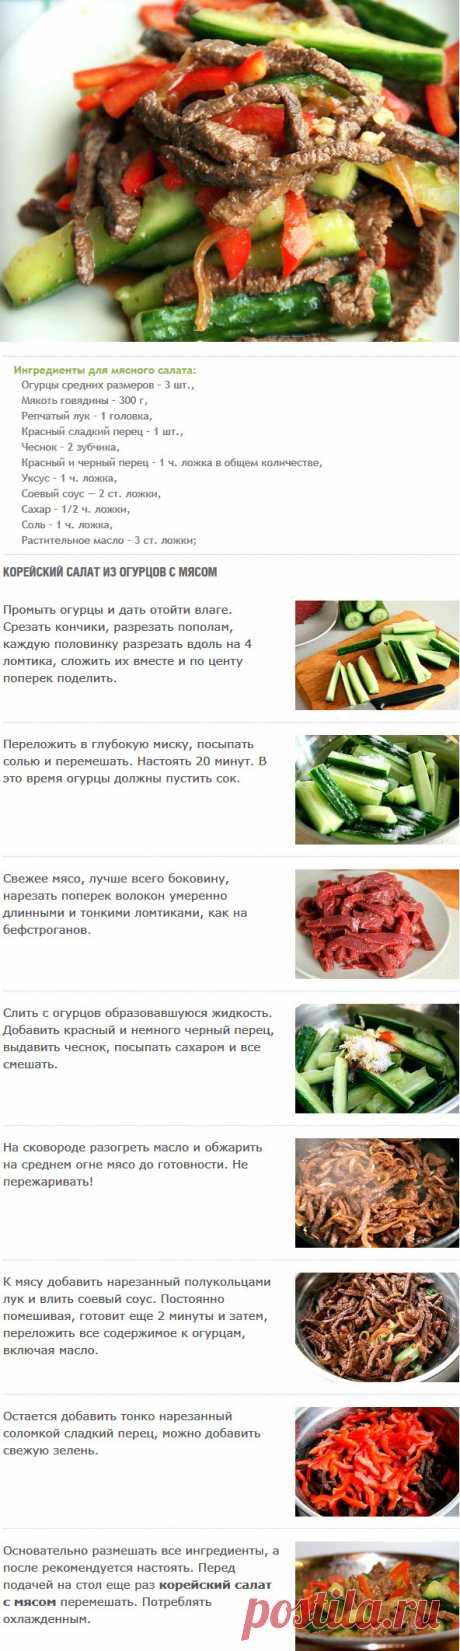 Пошаговые рецепты салатов с мясом, огурцами. Фото, видео